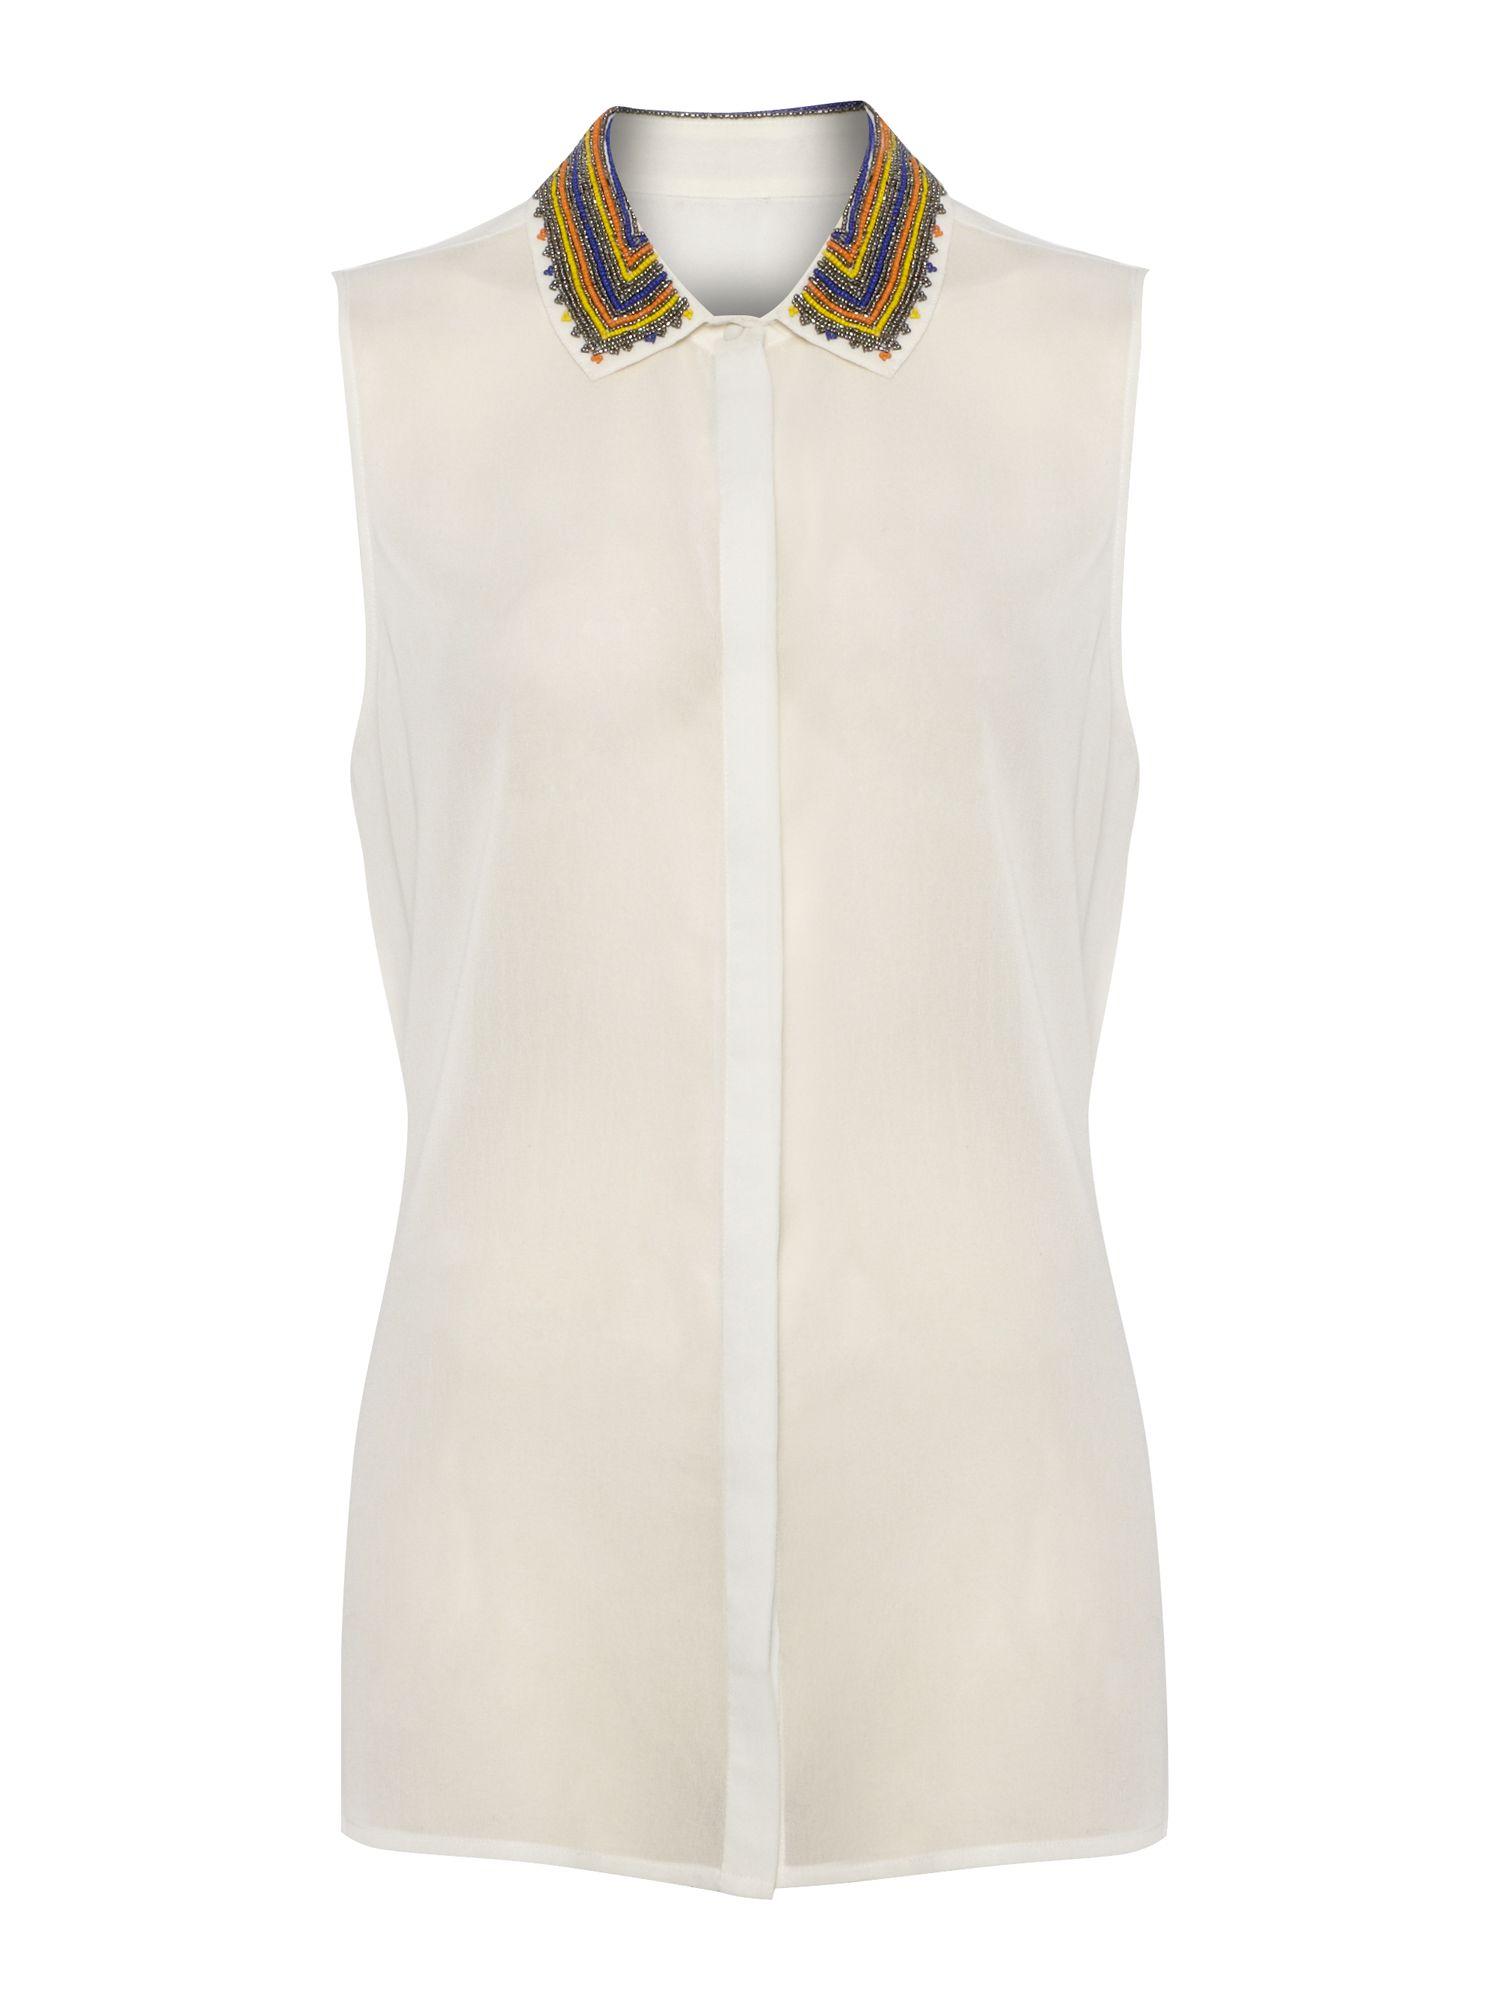 Ladies white sleeveless shirt artee shirt for Sleeveless white shirt with collar